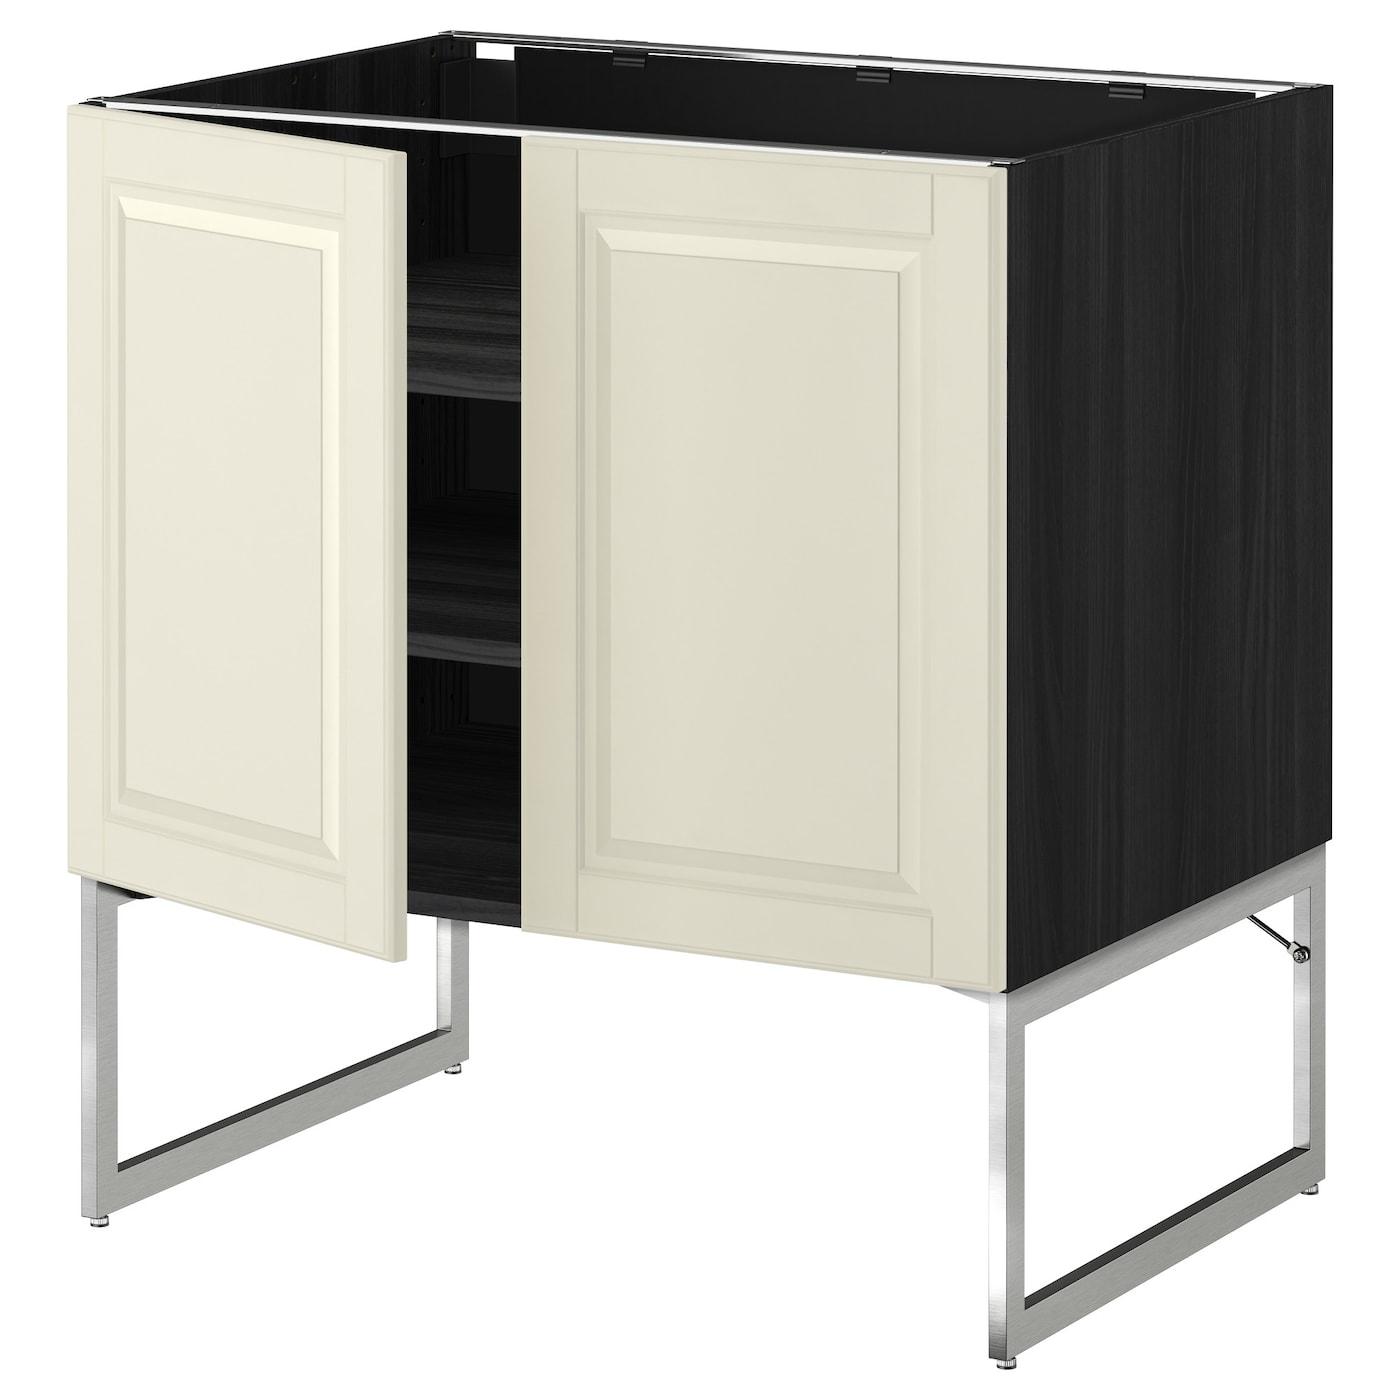 Metod Base Cabinet For Sink Black Järsta Orange 60x60 Cm: METOD Base Cabinet With Shelves/2 Doors Black/bodbyn Off